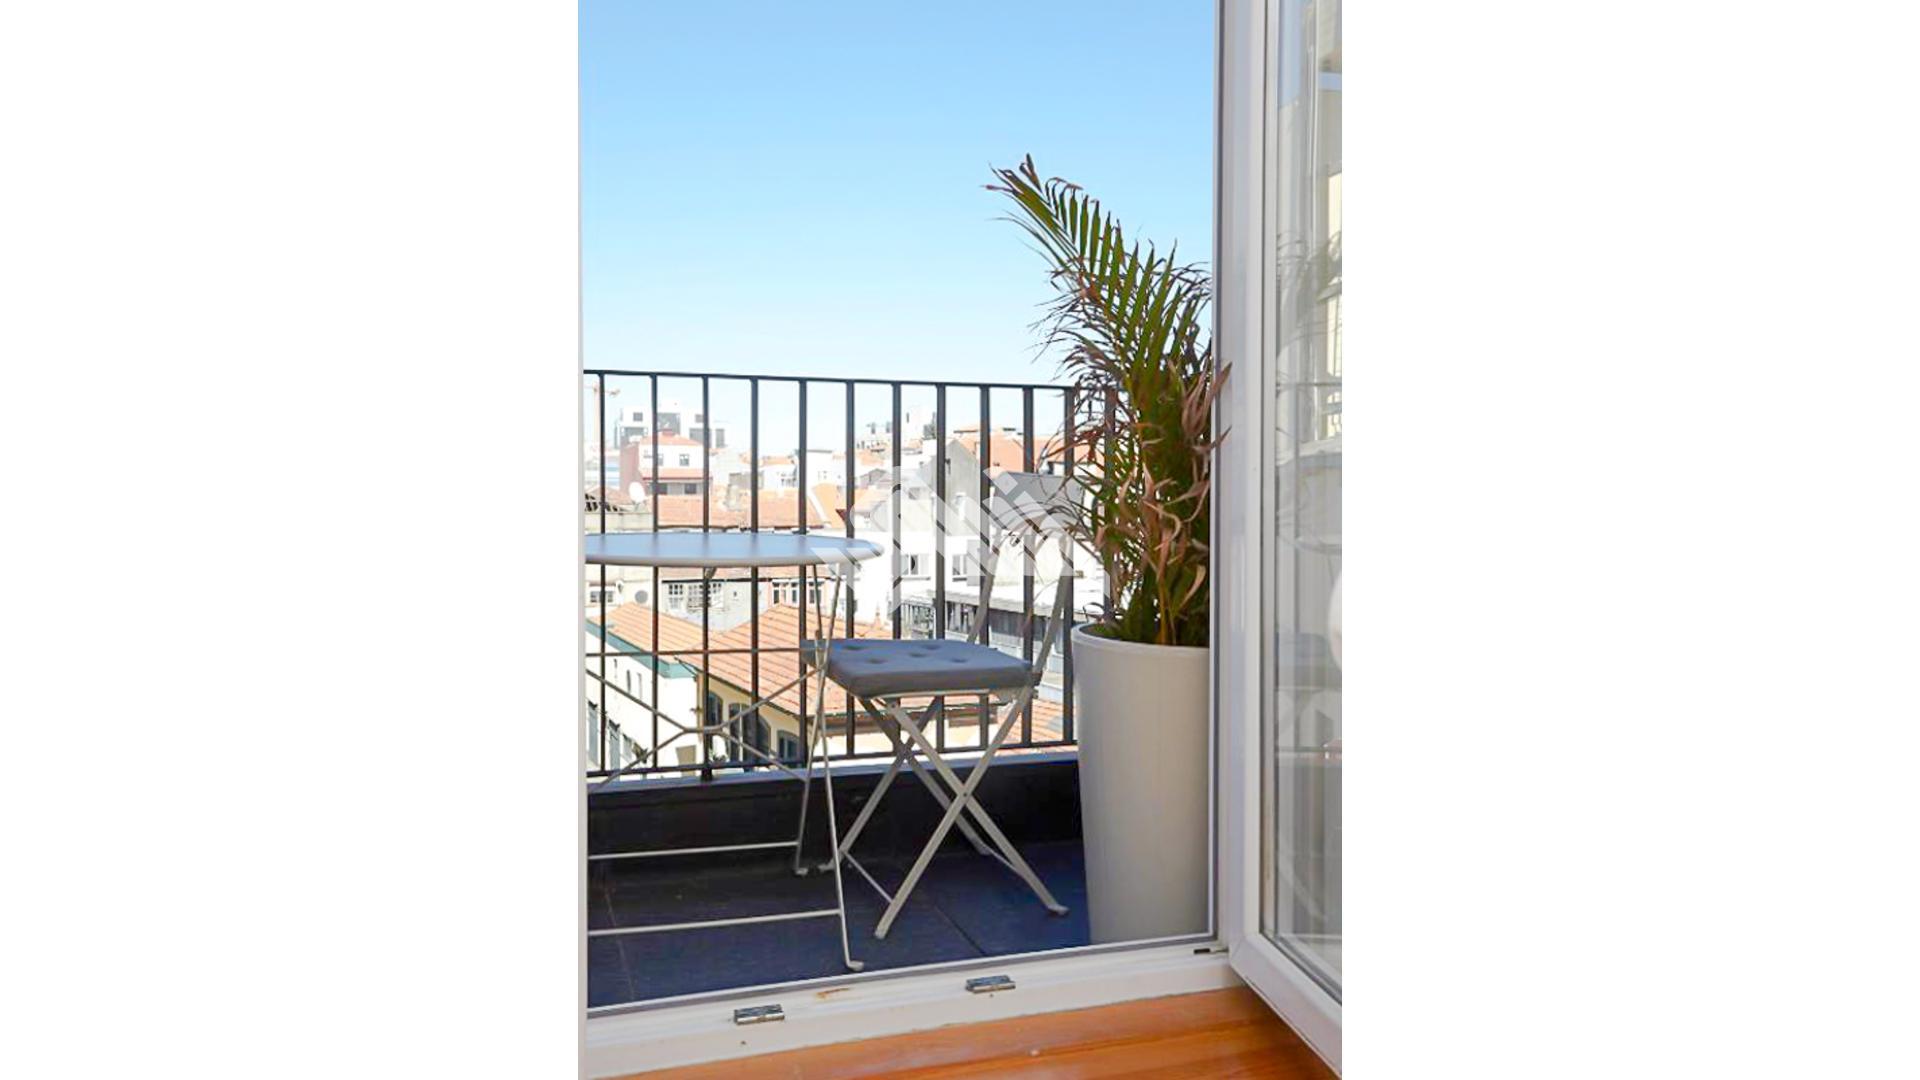 Apartamento T1 na Baixa  - Porto, UDF De Cedofeita, Santo Ildefonso, Sé, Miragaia, São Nicolau E Vitória